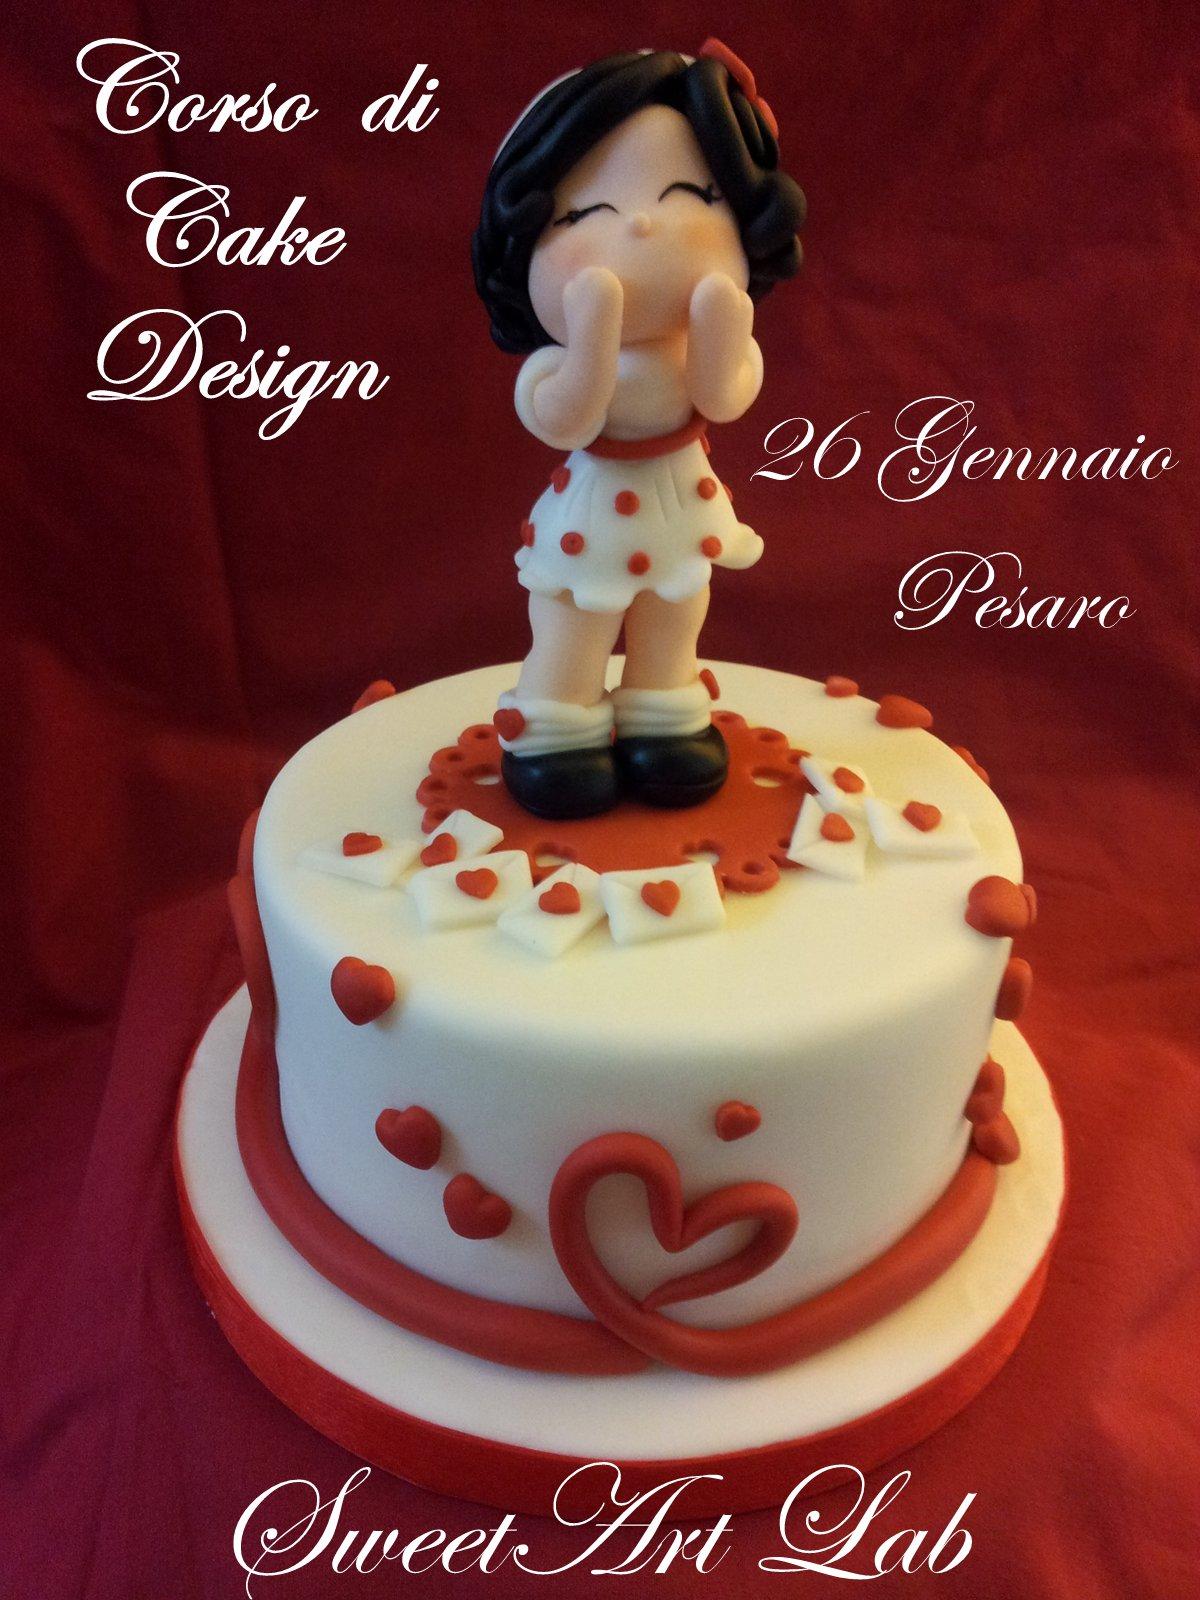 Michela barocci sugar artist corso di cake design modelling for Corso di designer